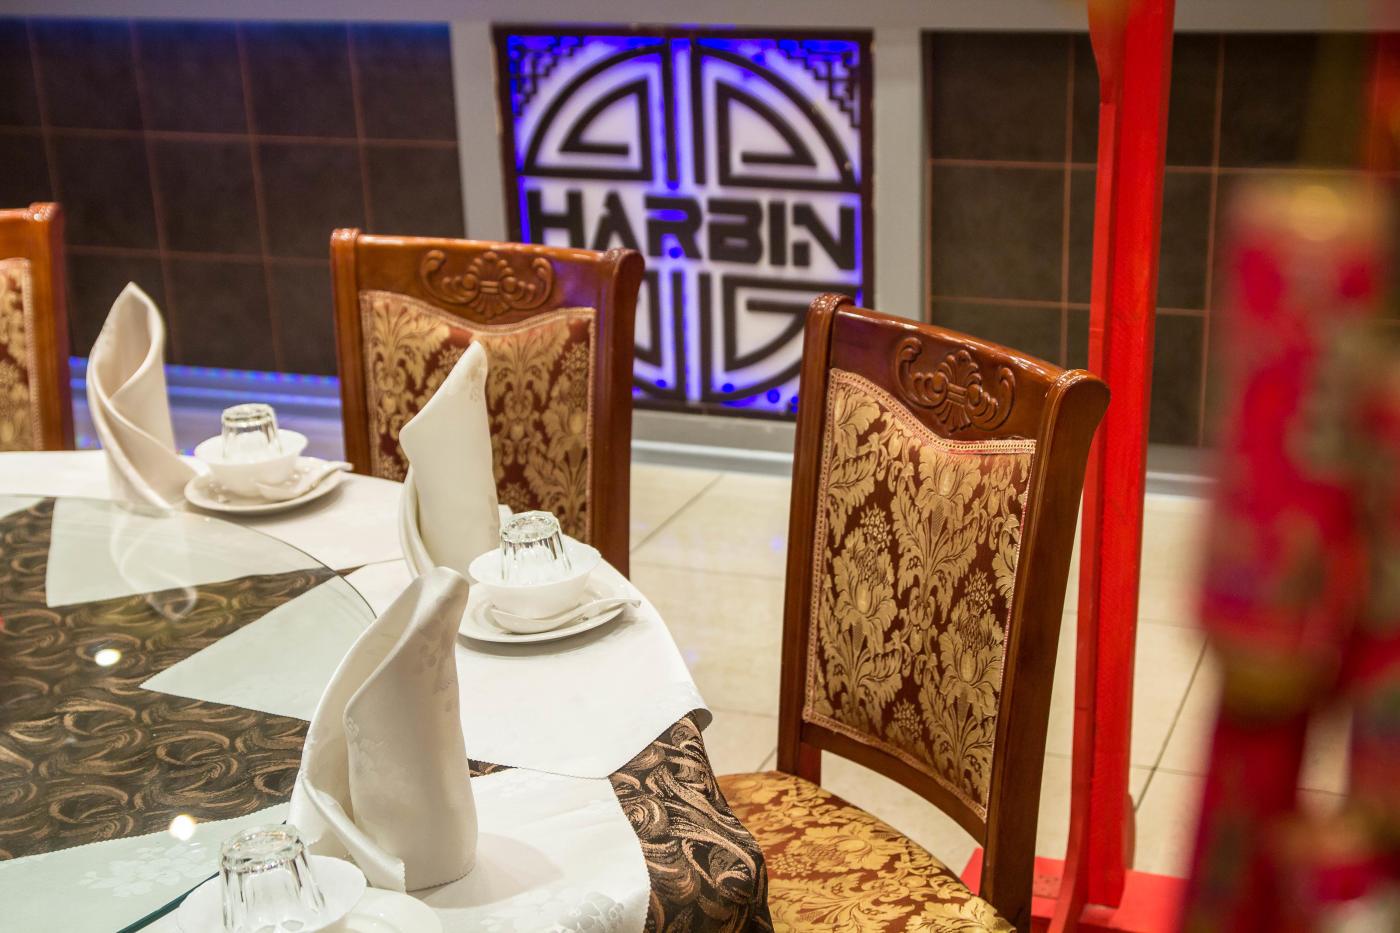 Китайский Ресторан Харбин (Большая Якиманка / Октябрьская) фото 30